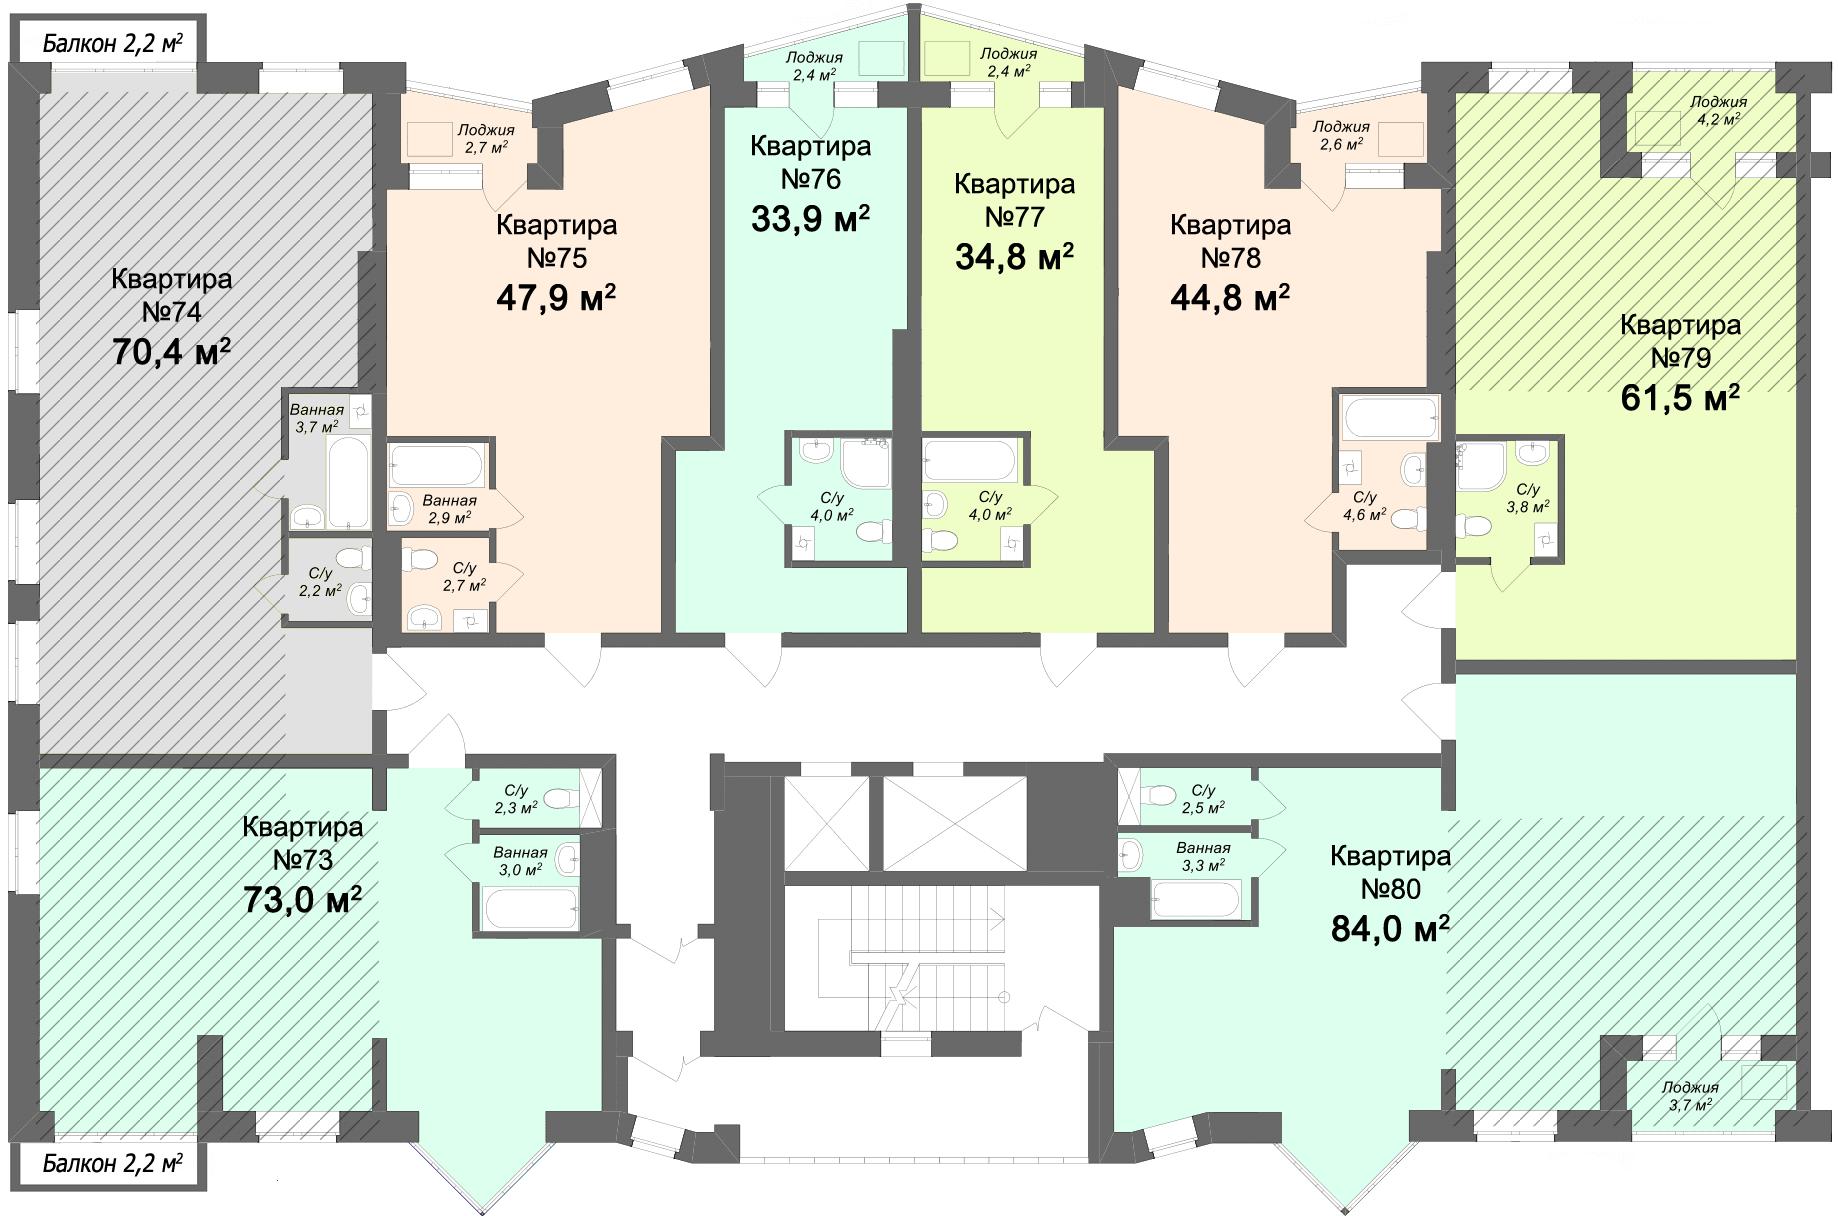 ДЛЯ УВЕЛИЧЕНИЯ НАЖМИТЕ НА СХЕМУ - Купить квартиру элитную от Застройщика в новостройке в Твери двухуровневую большую дорогую индивидуальную в стиле эко лофт пентхаус 3 х комнатную 4 х комнатную студию 1 комнатную 2 х комнатную повышенной комфортности с панорамными окнами с отделкой